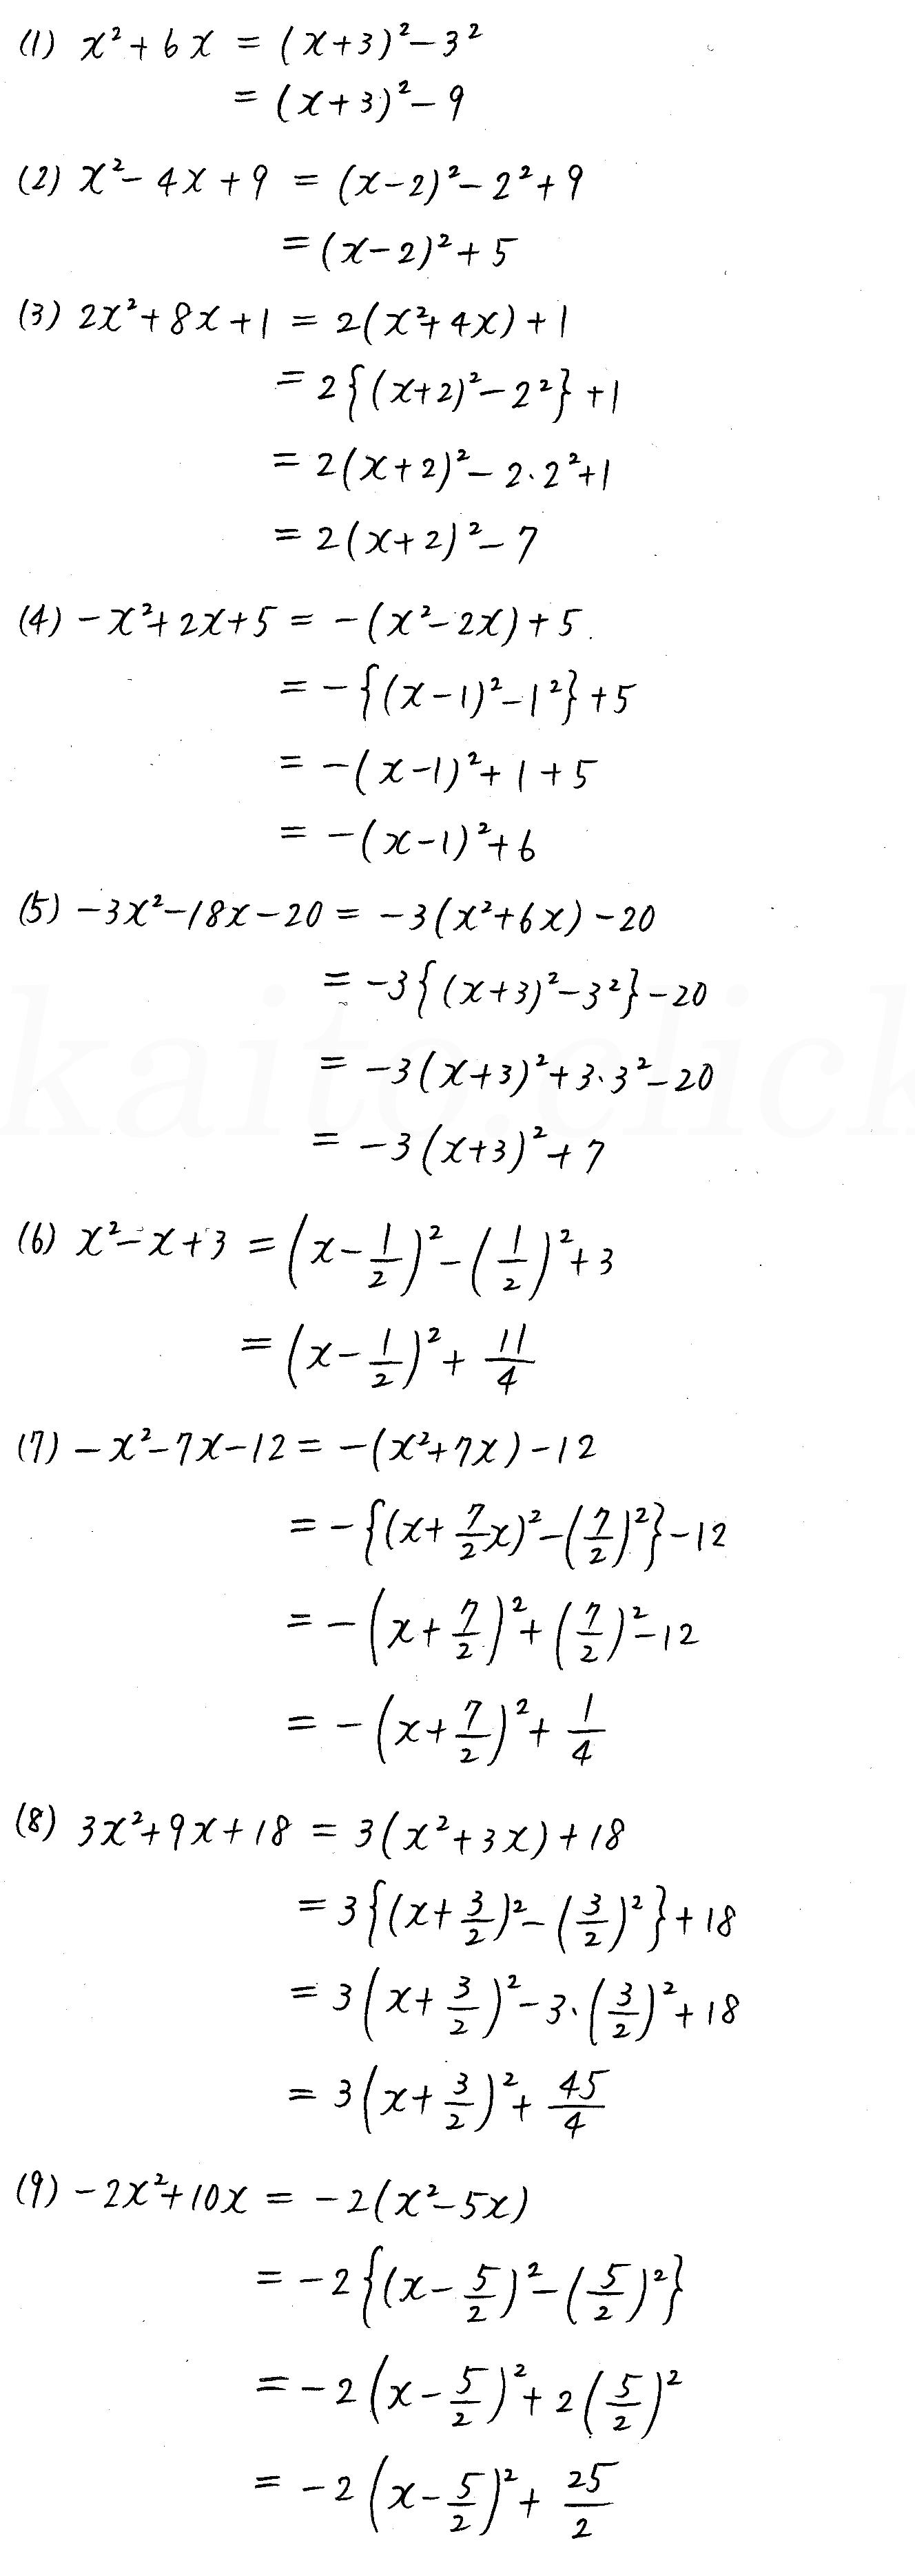 クリアー数学1-154解答